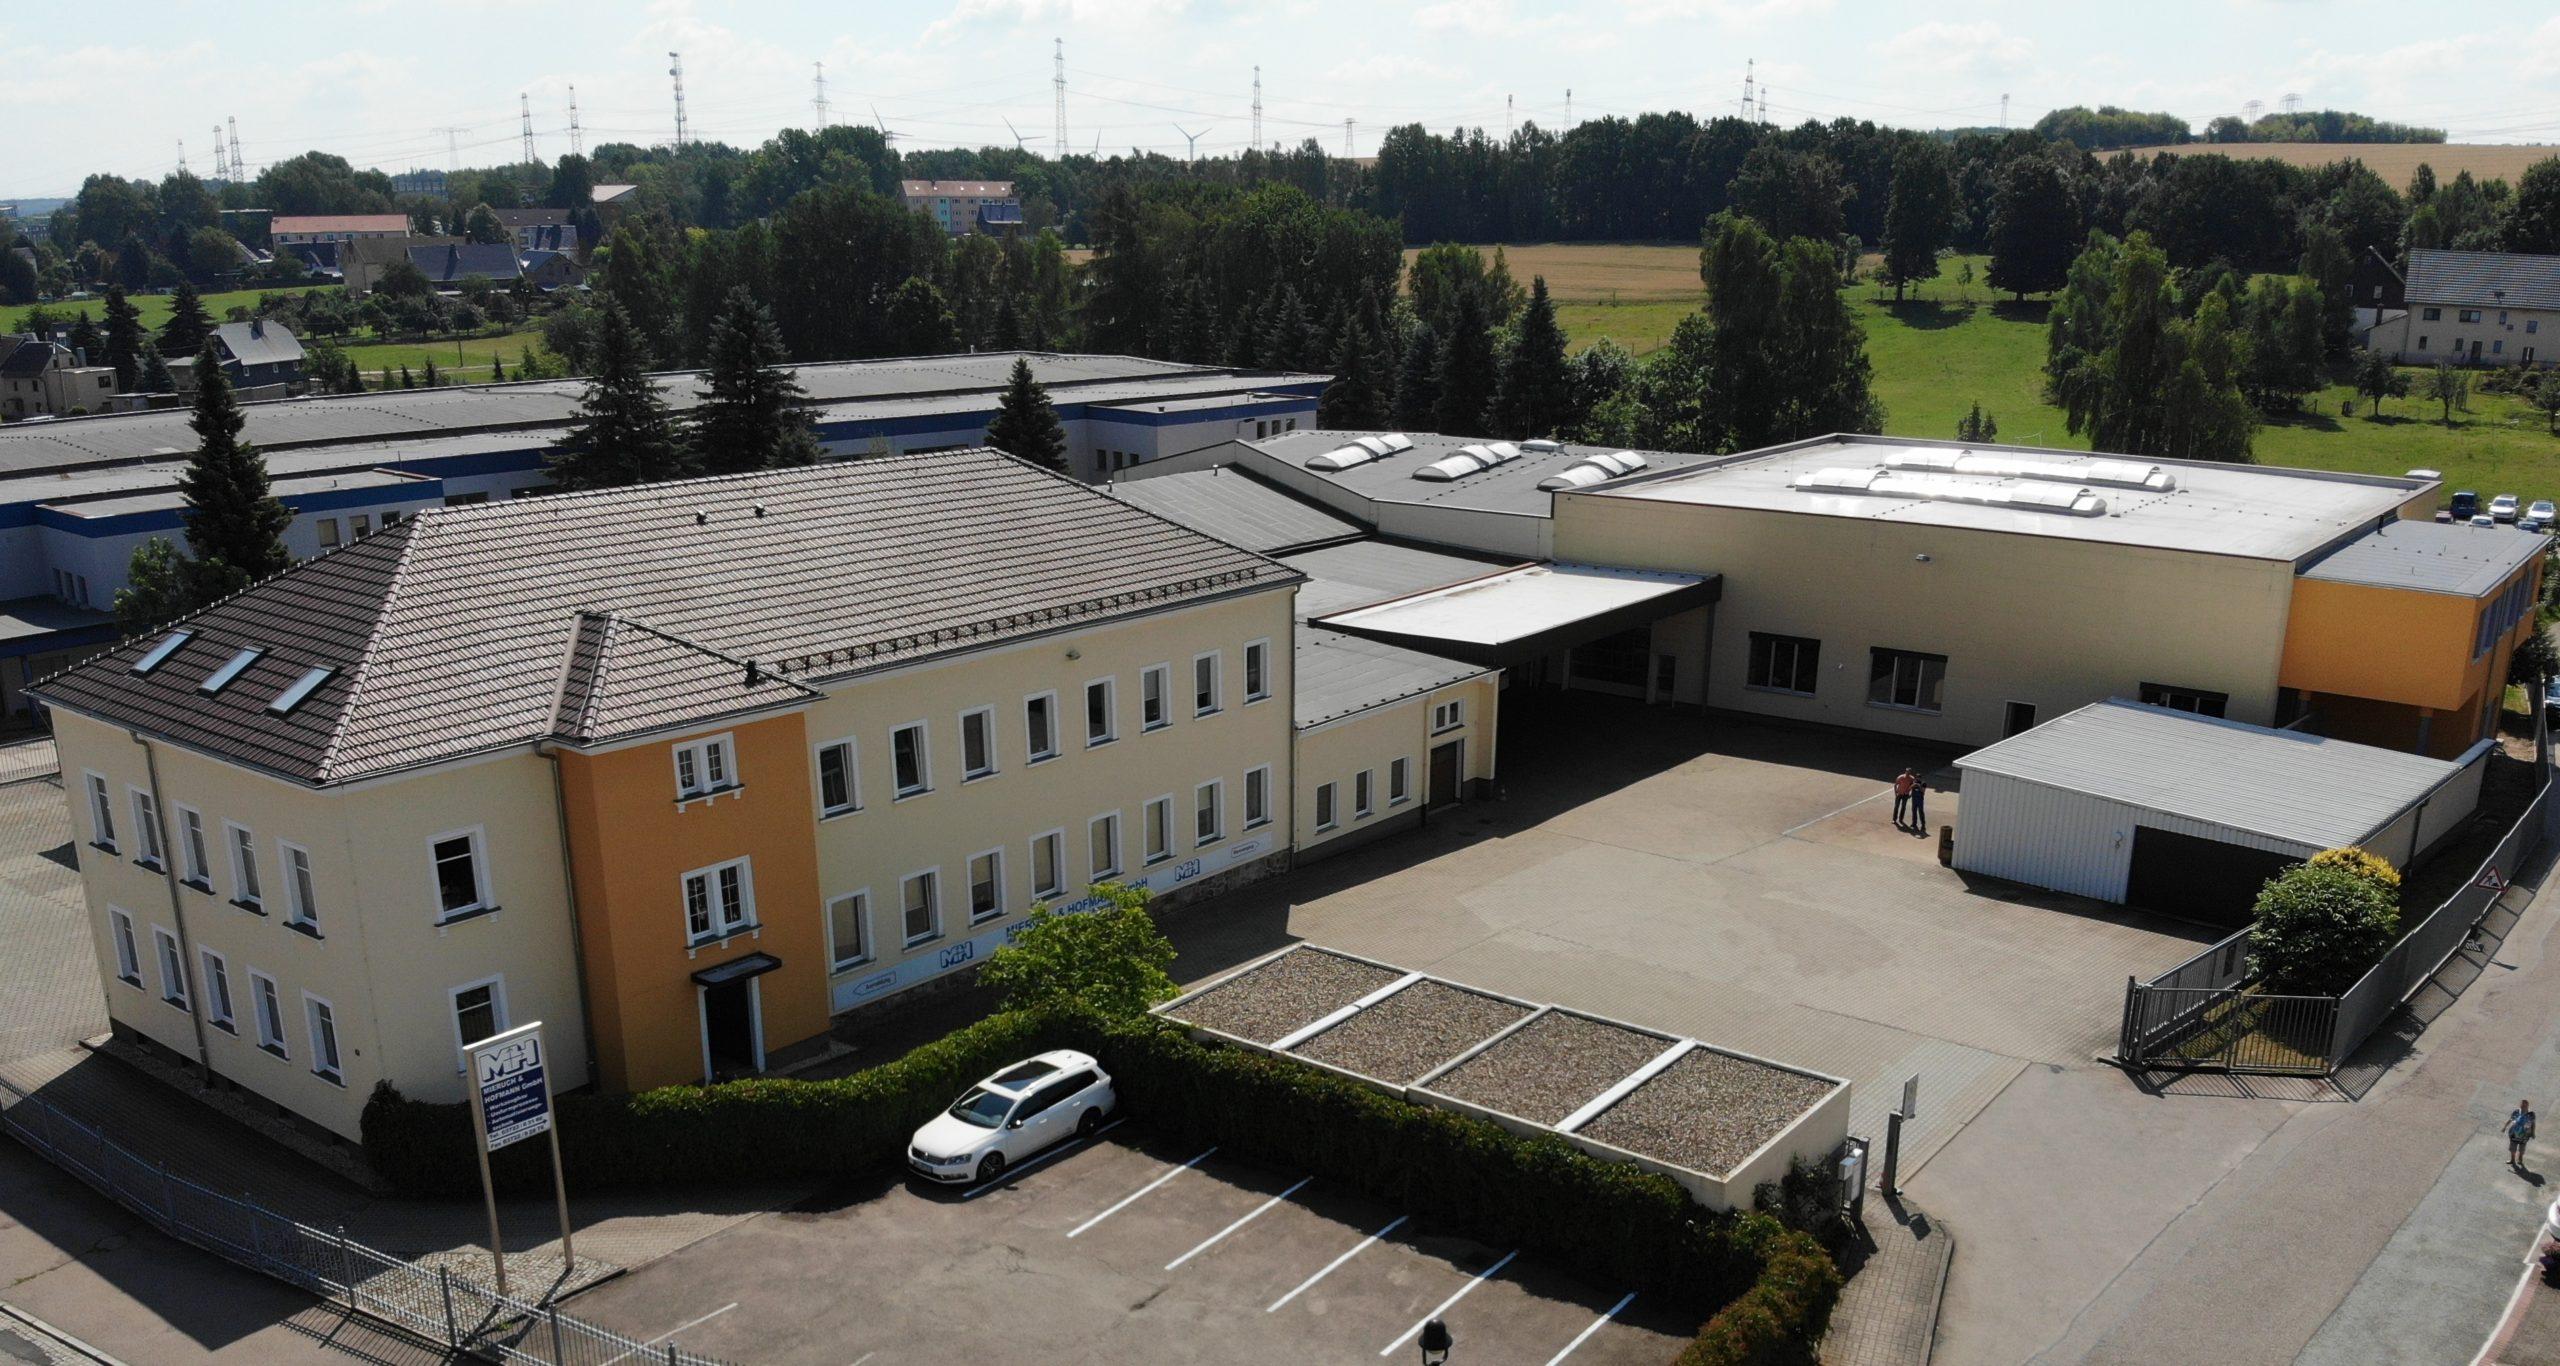 Das Firmengelände der Mieruch und Hofmann GmbH